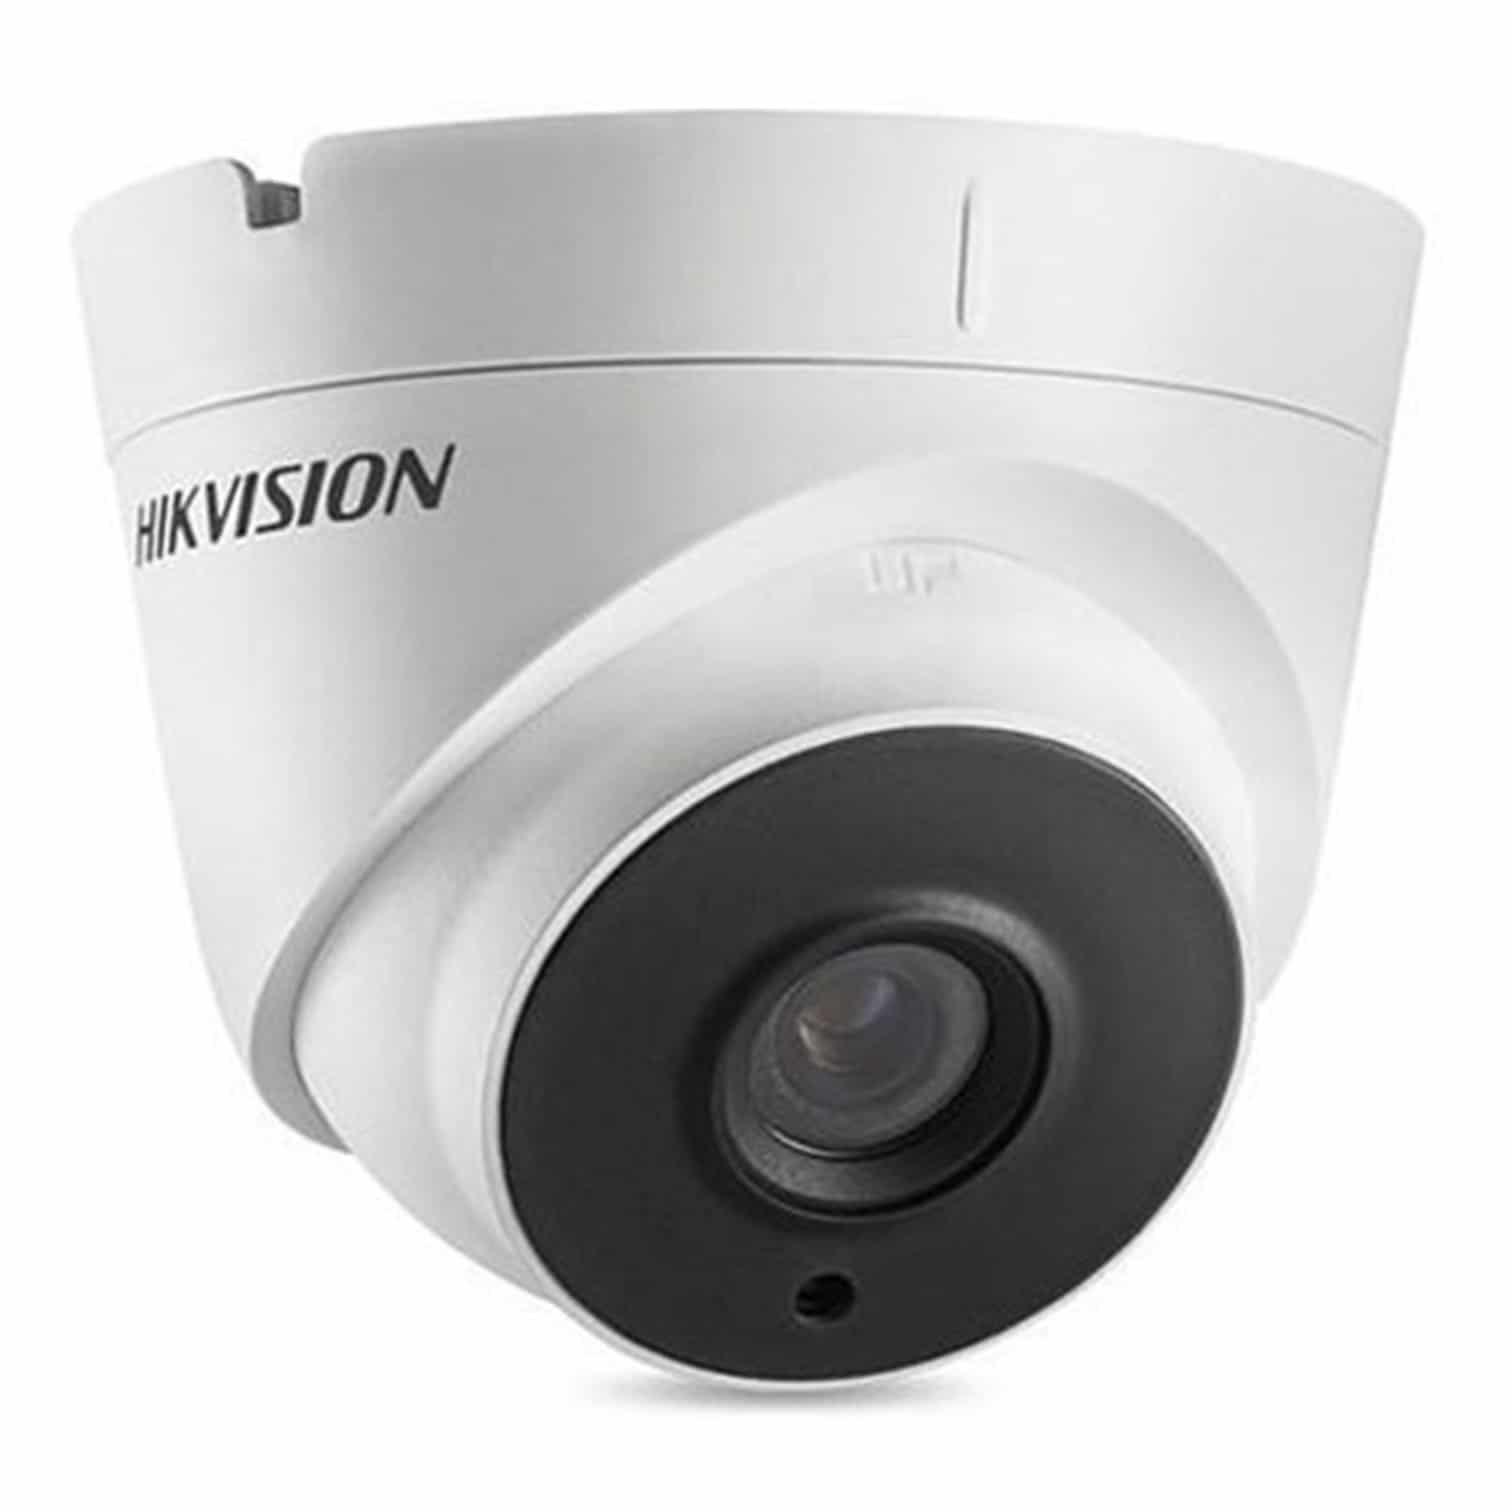 Cámara Hikvision DS-2CE56C0T-IT1F 1MP Tipo Domo